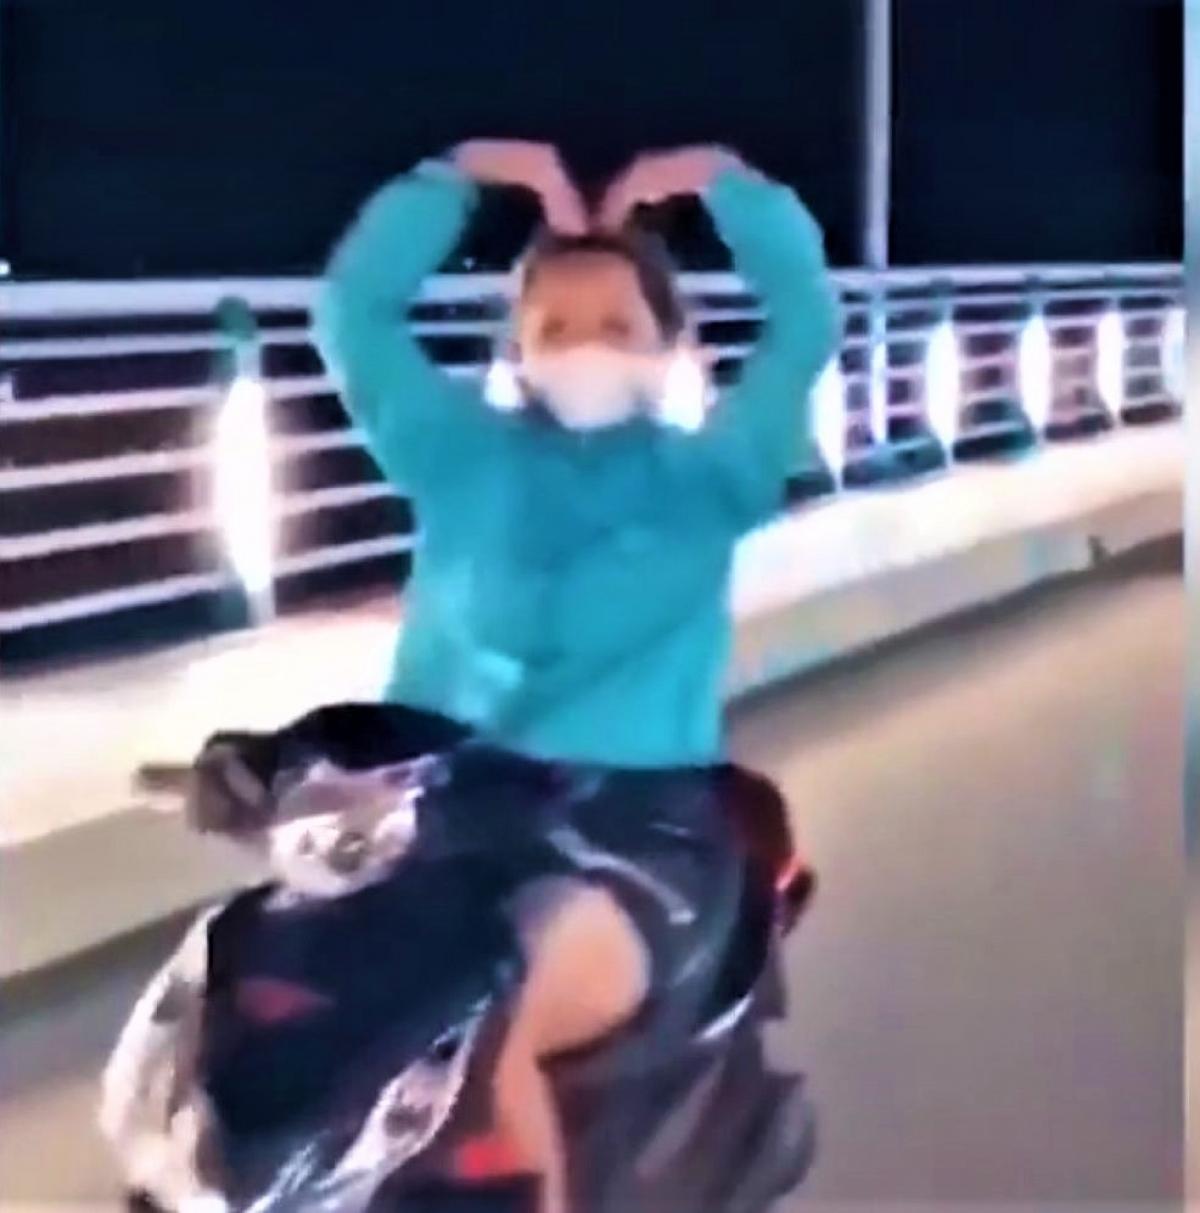 Tin tai nạn giao thông ngày 7/1: Cô gái đi xe máy thả 2 tay múa quạt trên cầu - Ảnh 1